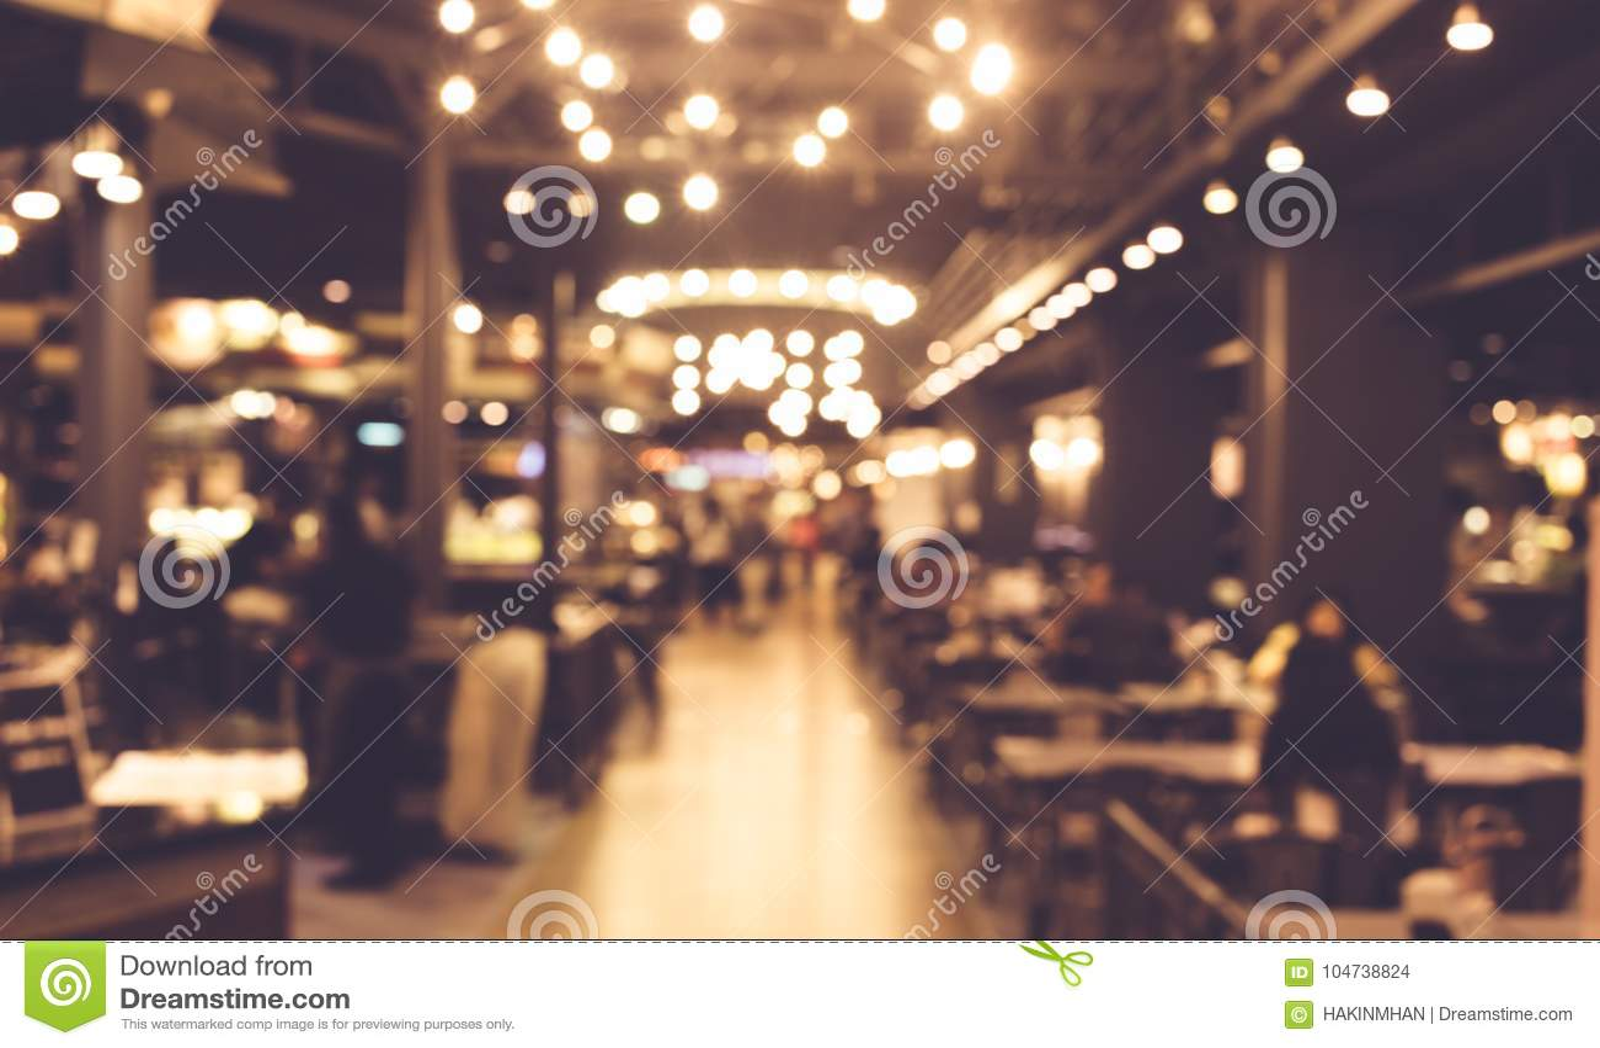 Plama ludzie w nocy kawiarni z oświetleniem